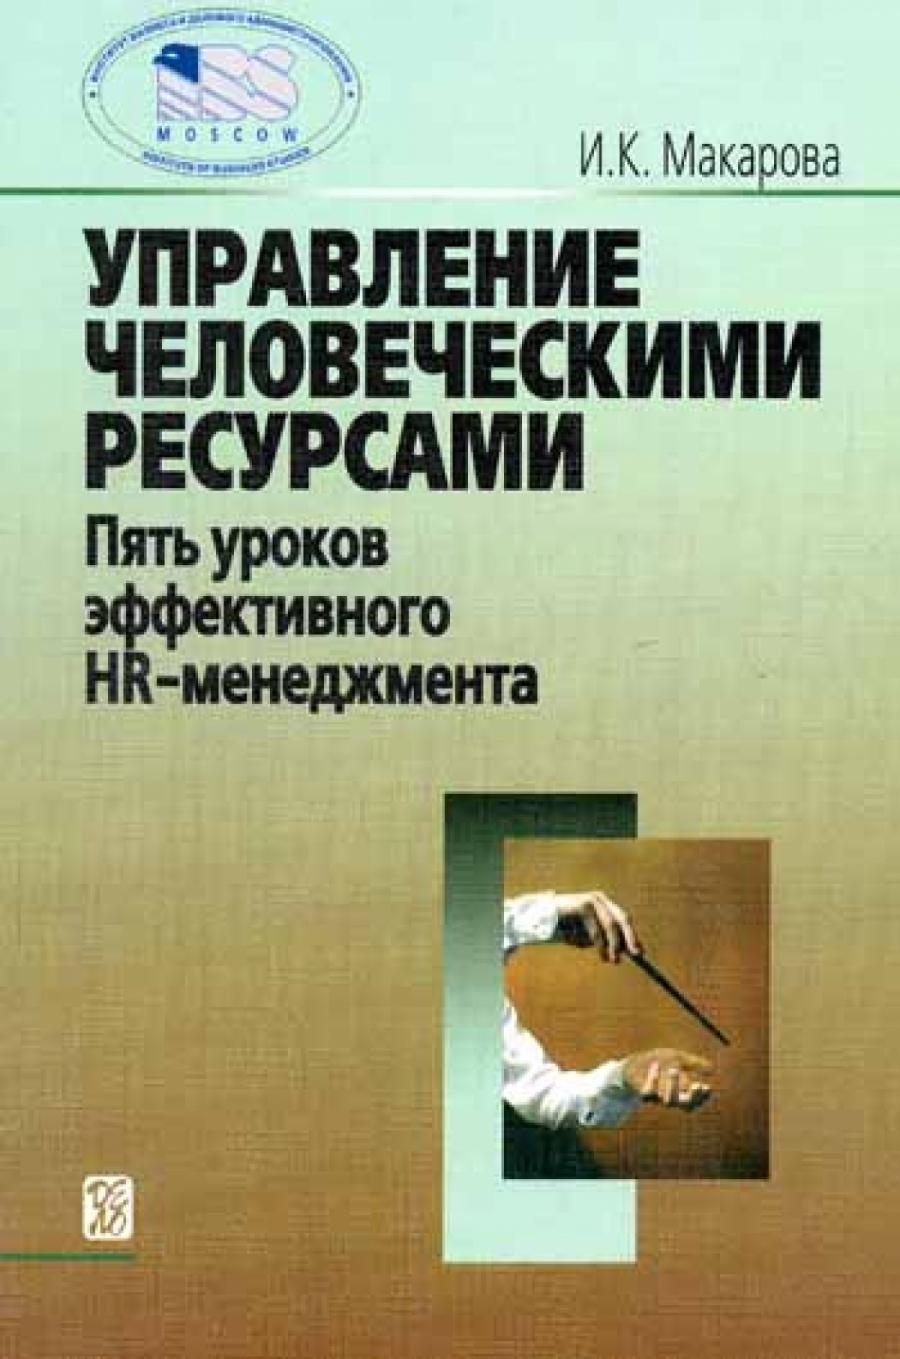 Обложка книги:  ирина камильевна макарова - управление человеческими ресурсами. пять уроков эффективного hr-менеджмента